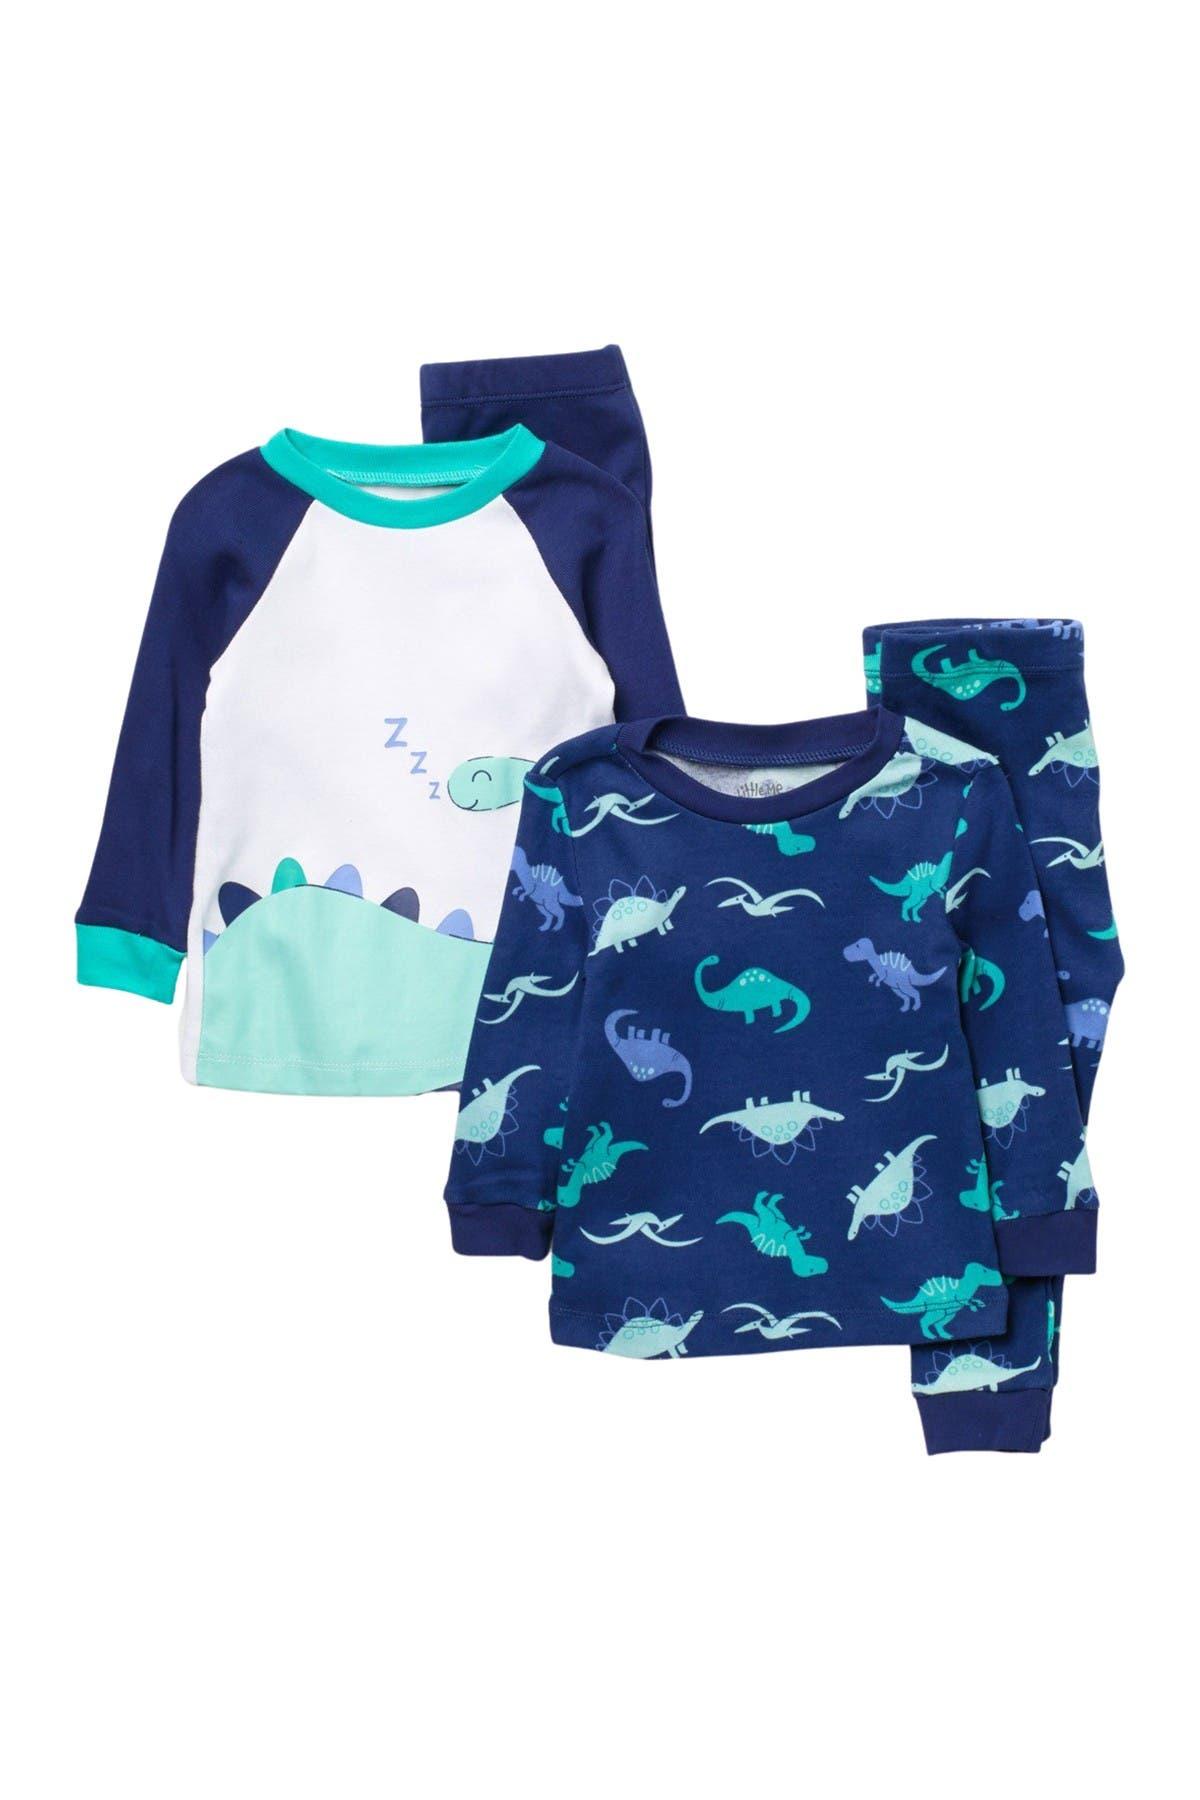 Image of Little Me Dino Print 4-Piece Pajama Set